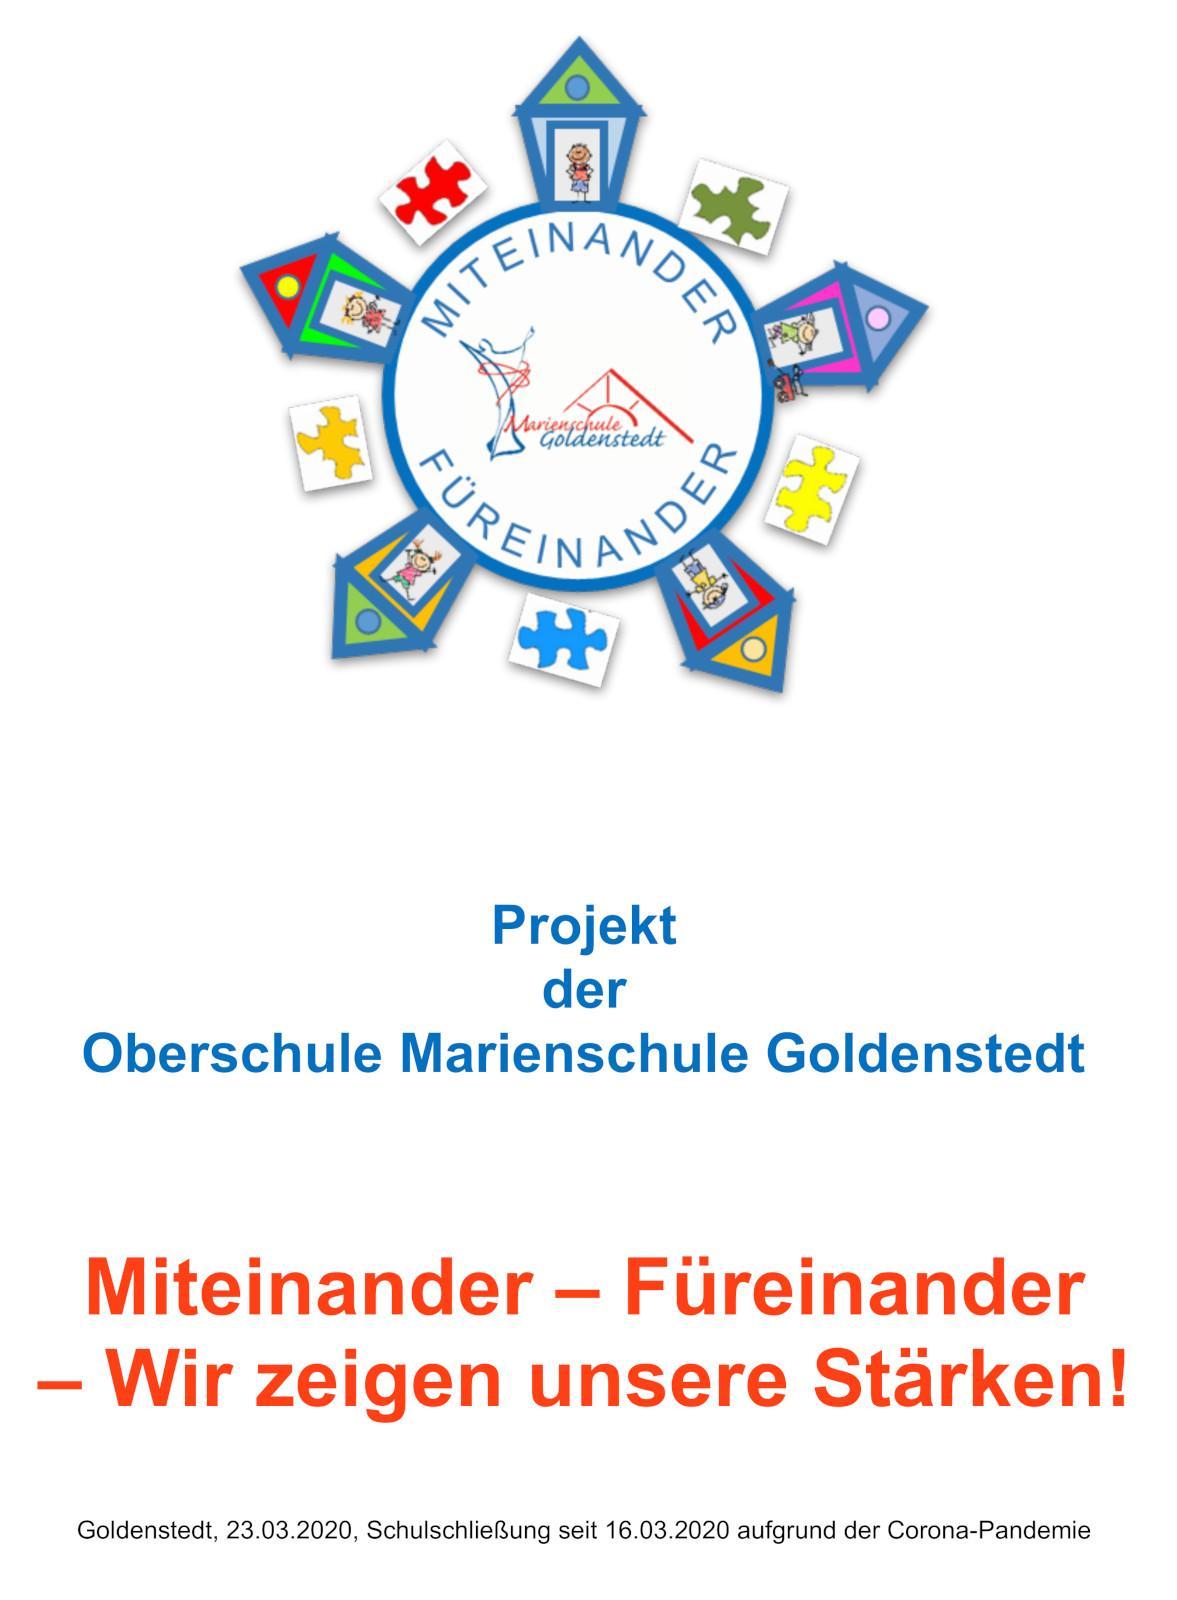 Projekt Miteinander - Füreinander - Wir zeigen unsere Stärken!